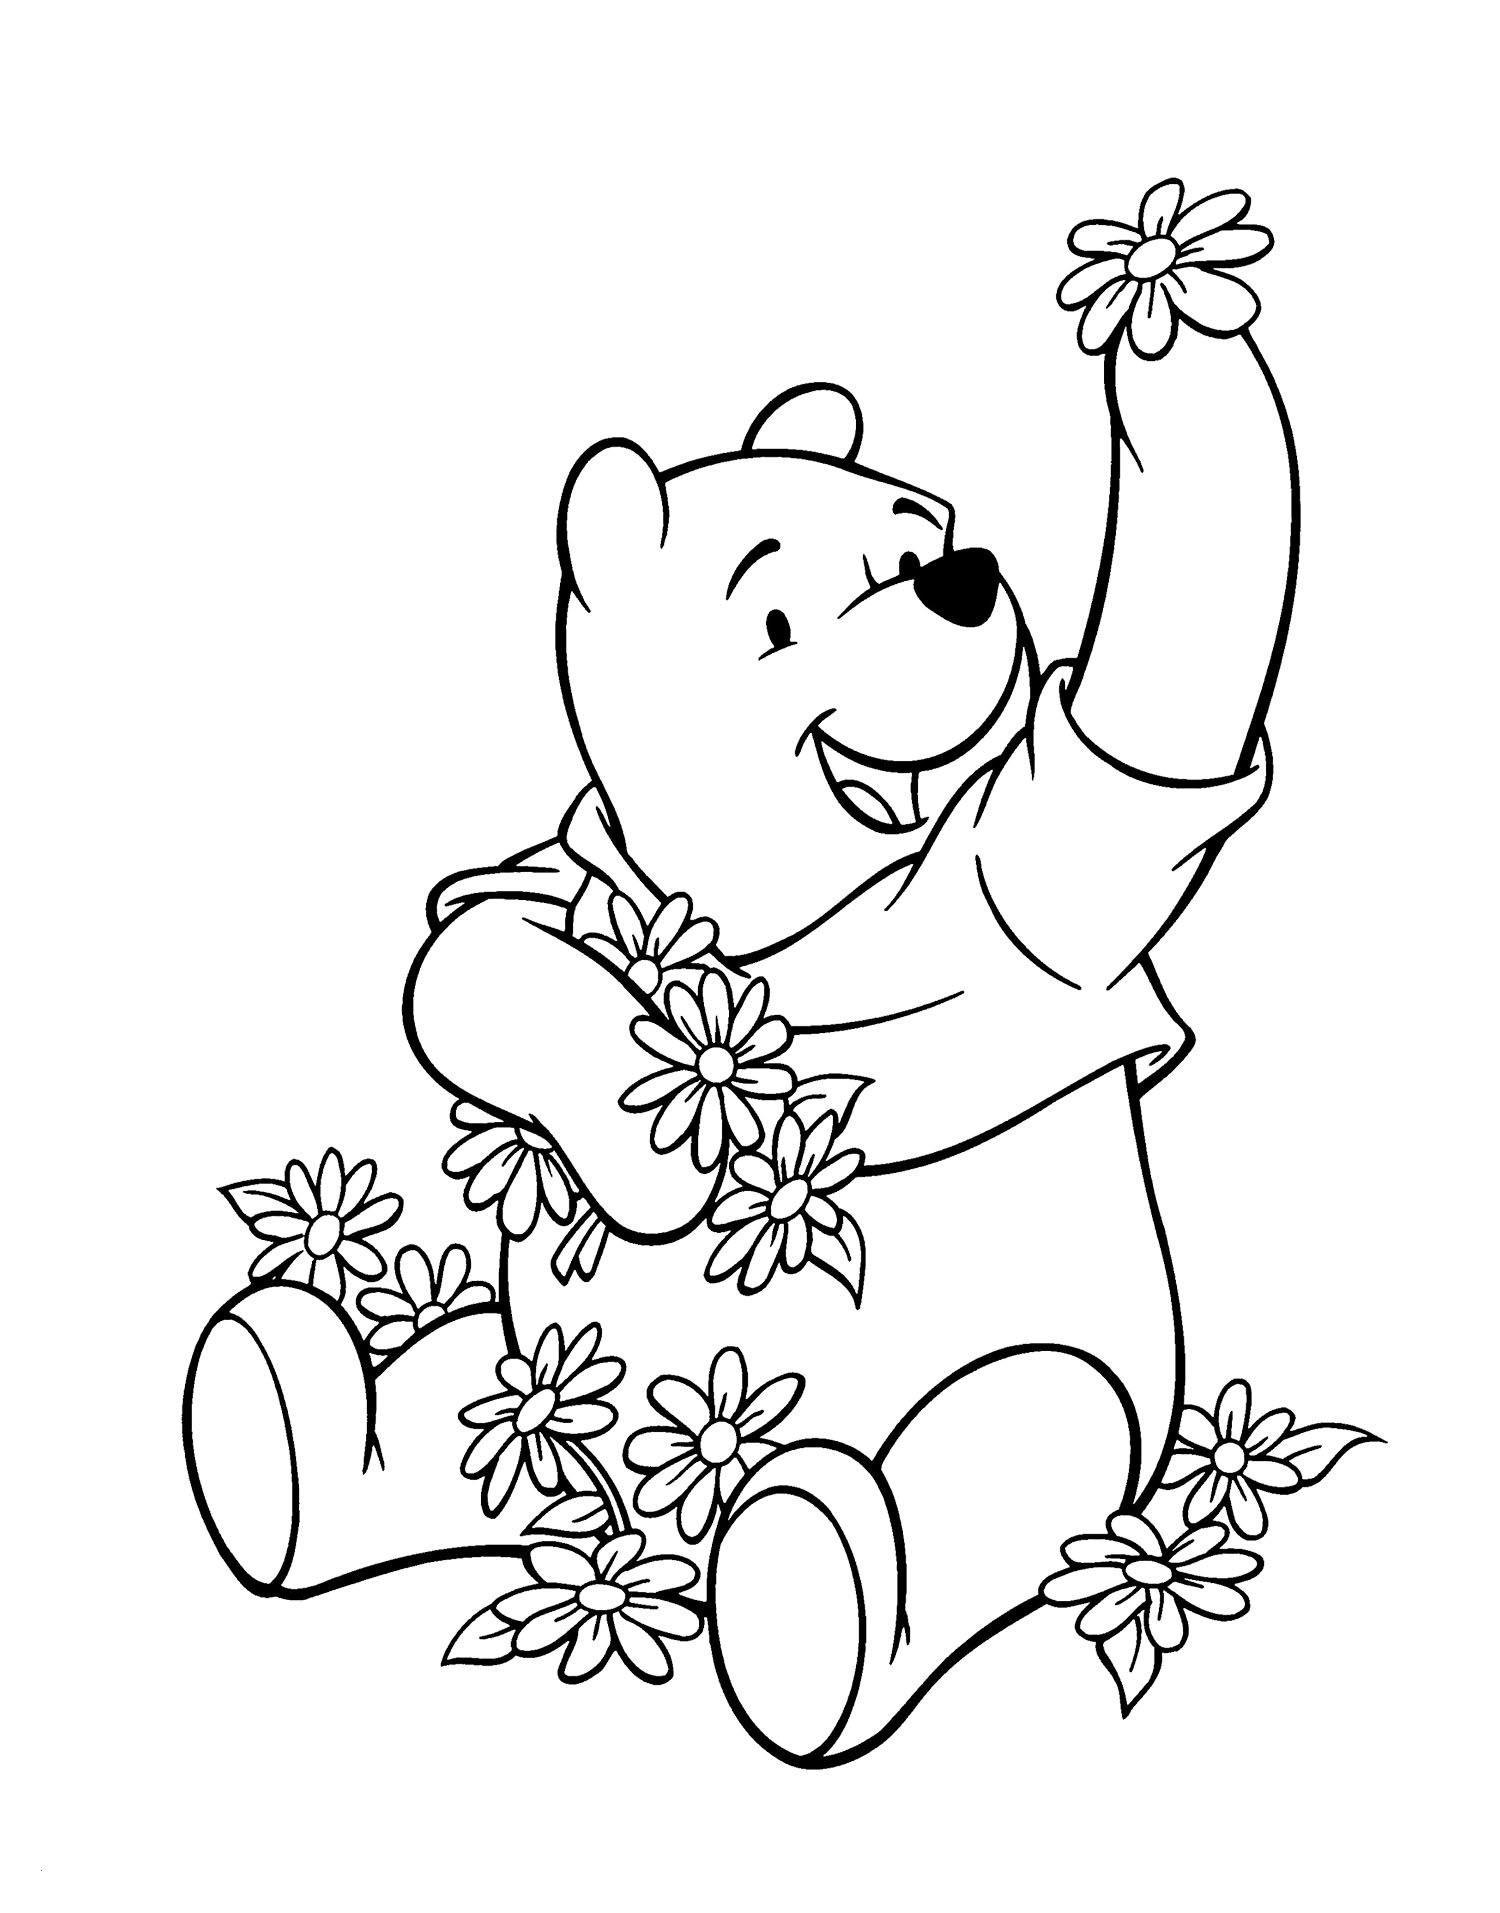 Ausmalbilder Winnie Pooh Und Seine Freunde Malvorlagen Das Beste Von 37 Ausmalbilder Winnie Puuh Scoredatscore Einzigartig Ausmalbilder Fotografieren